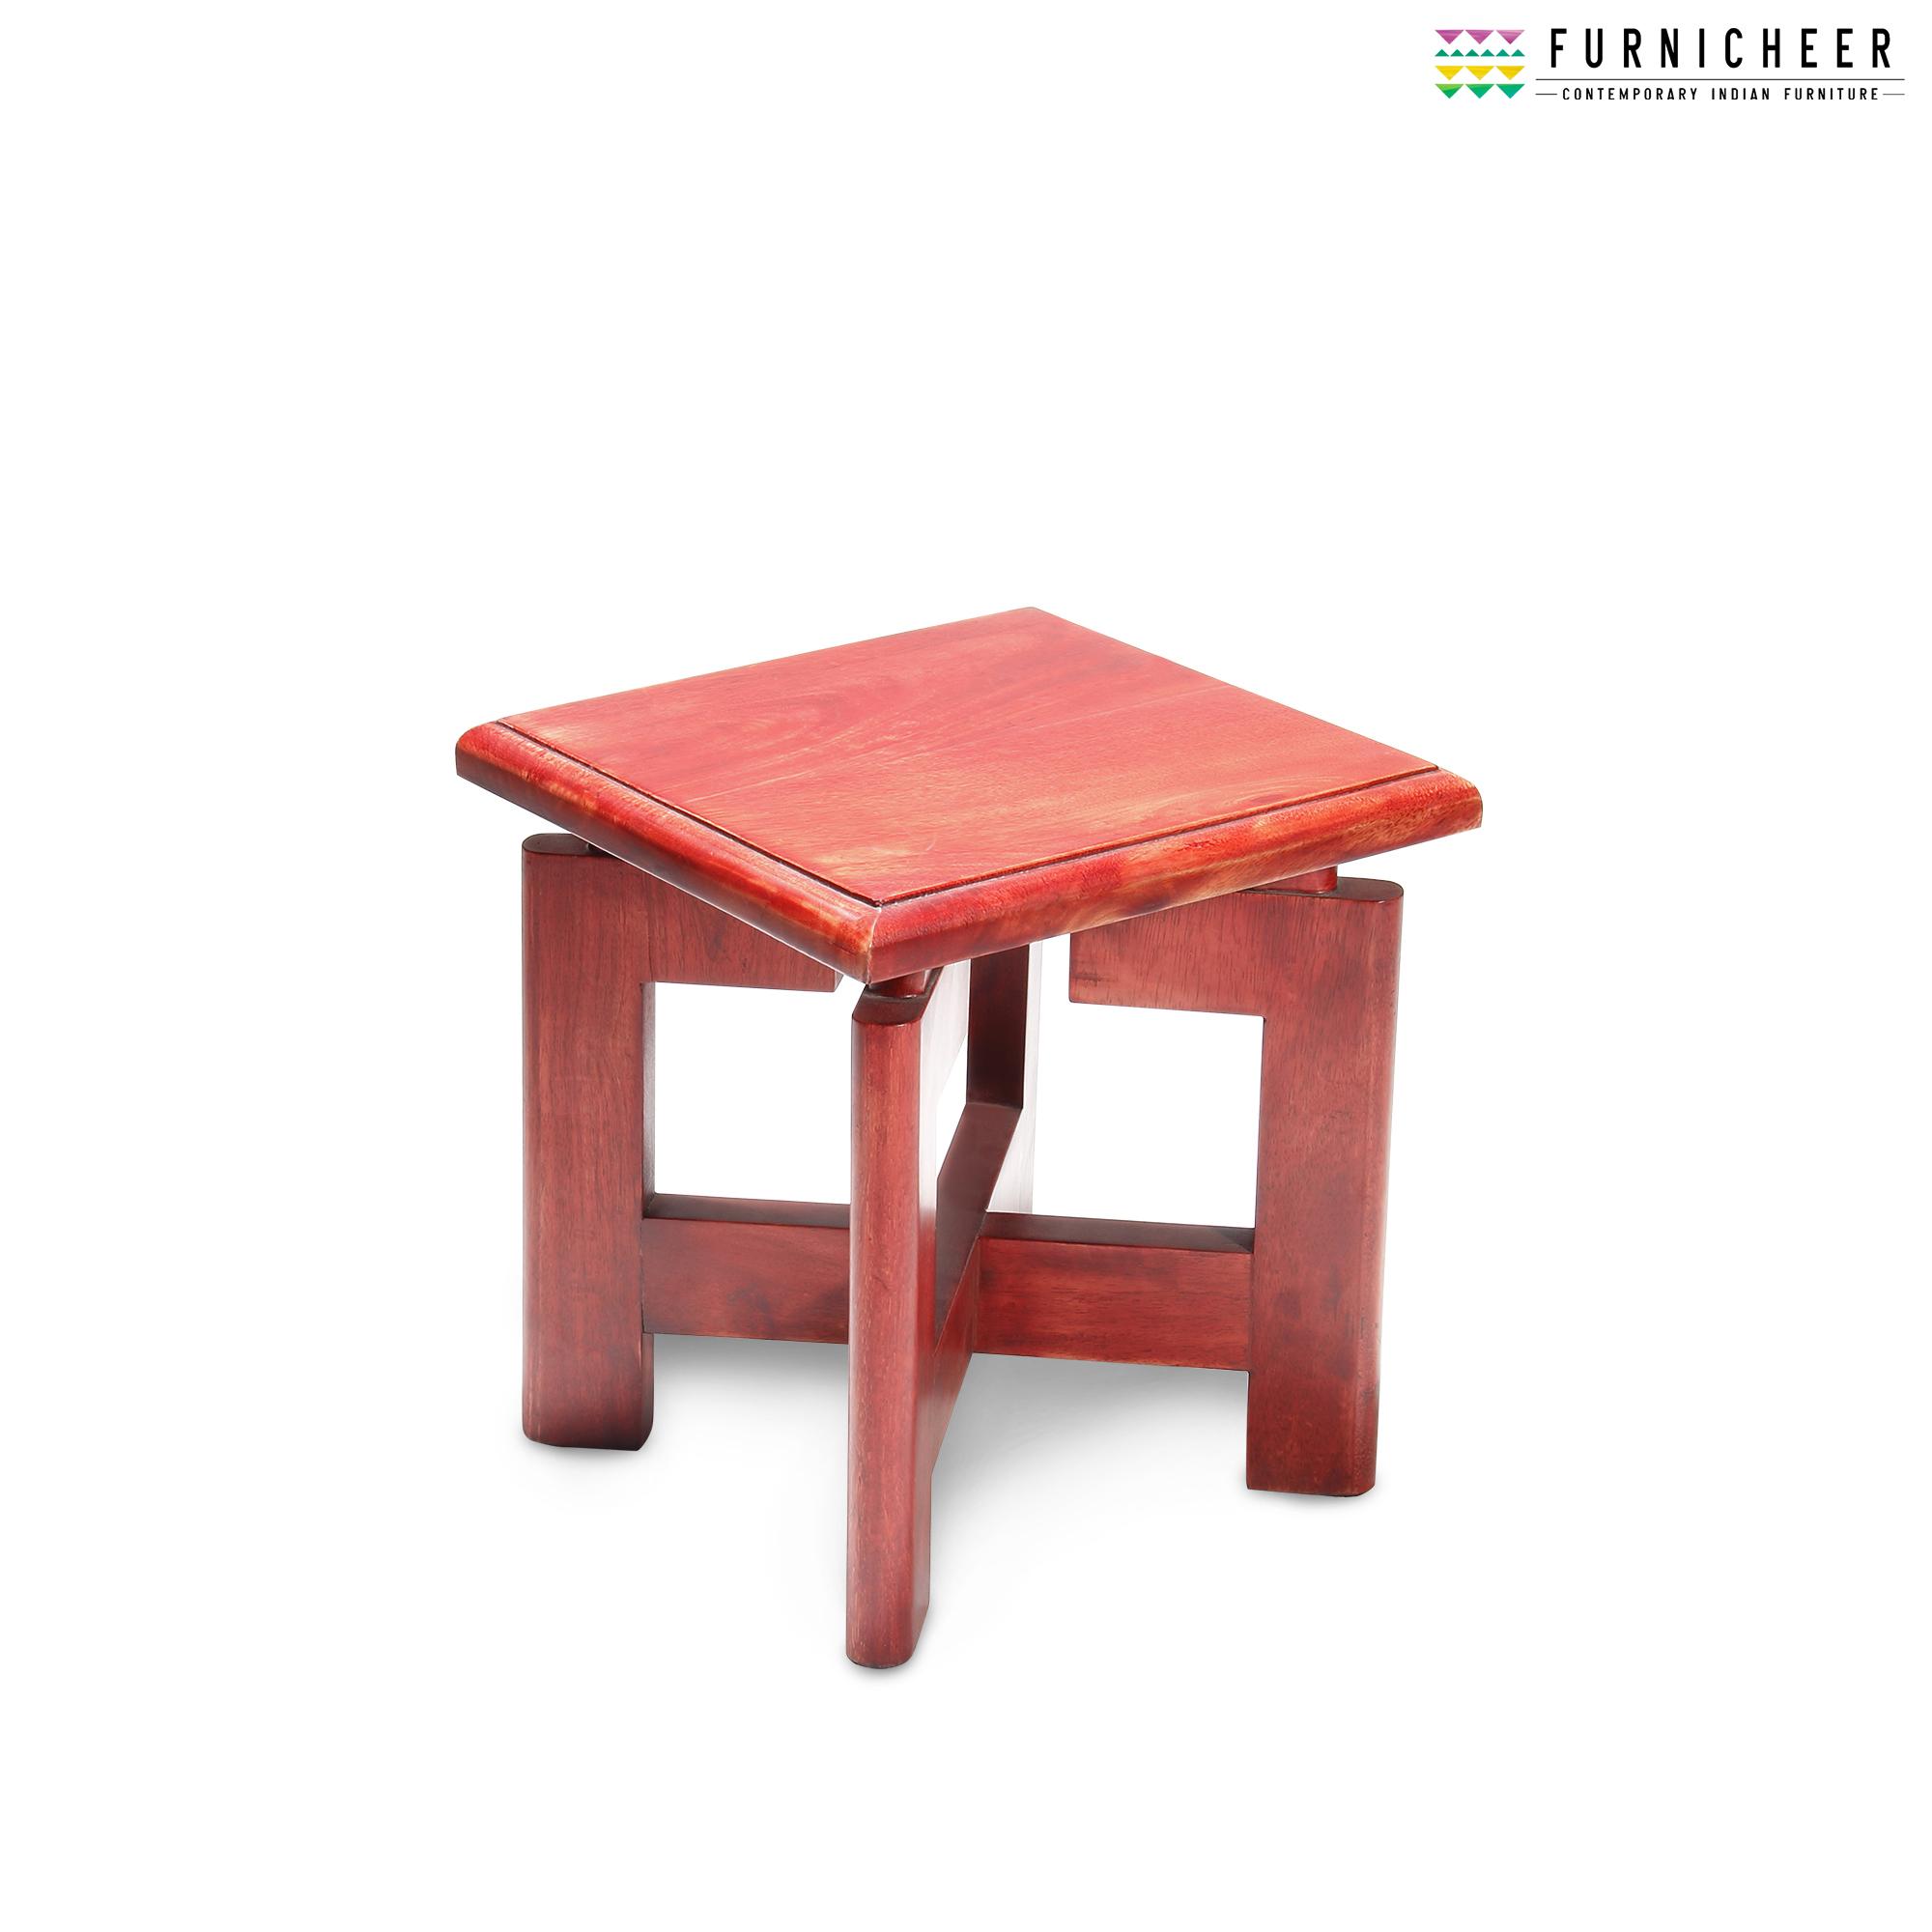 4.SIDE & END TABLE SKU TBST0001